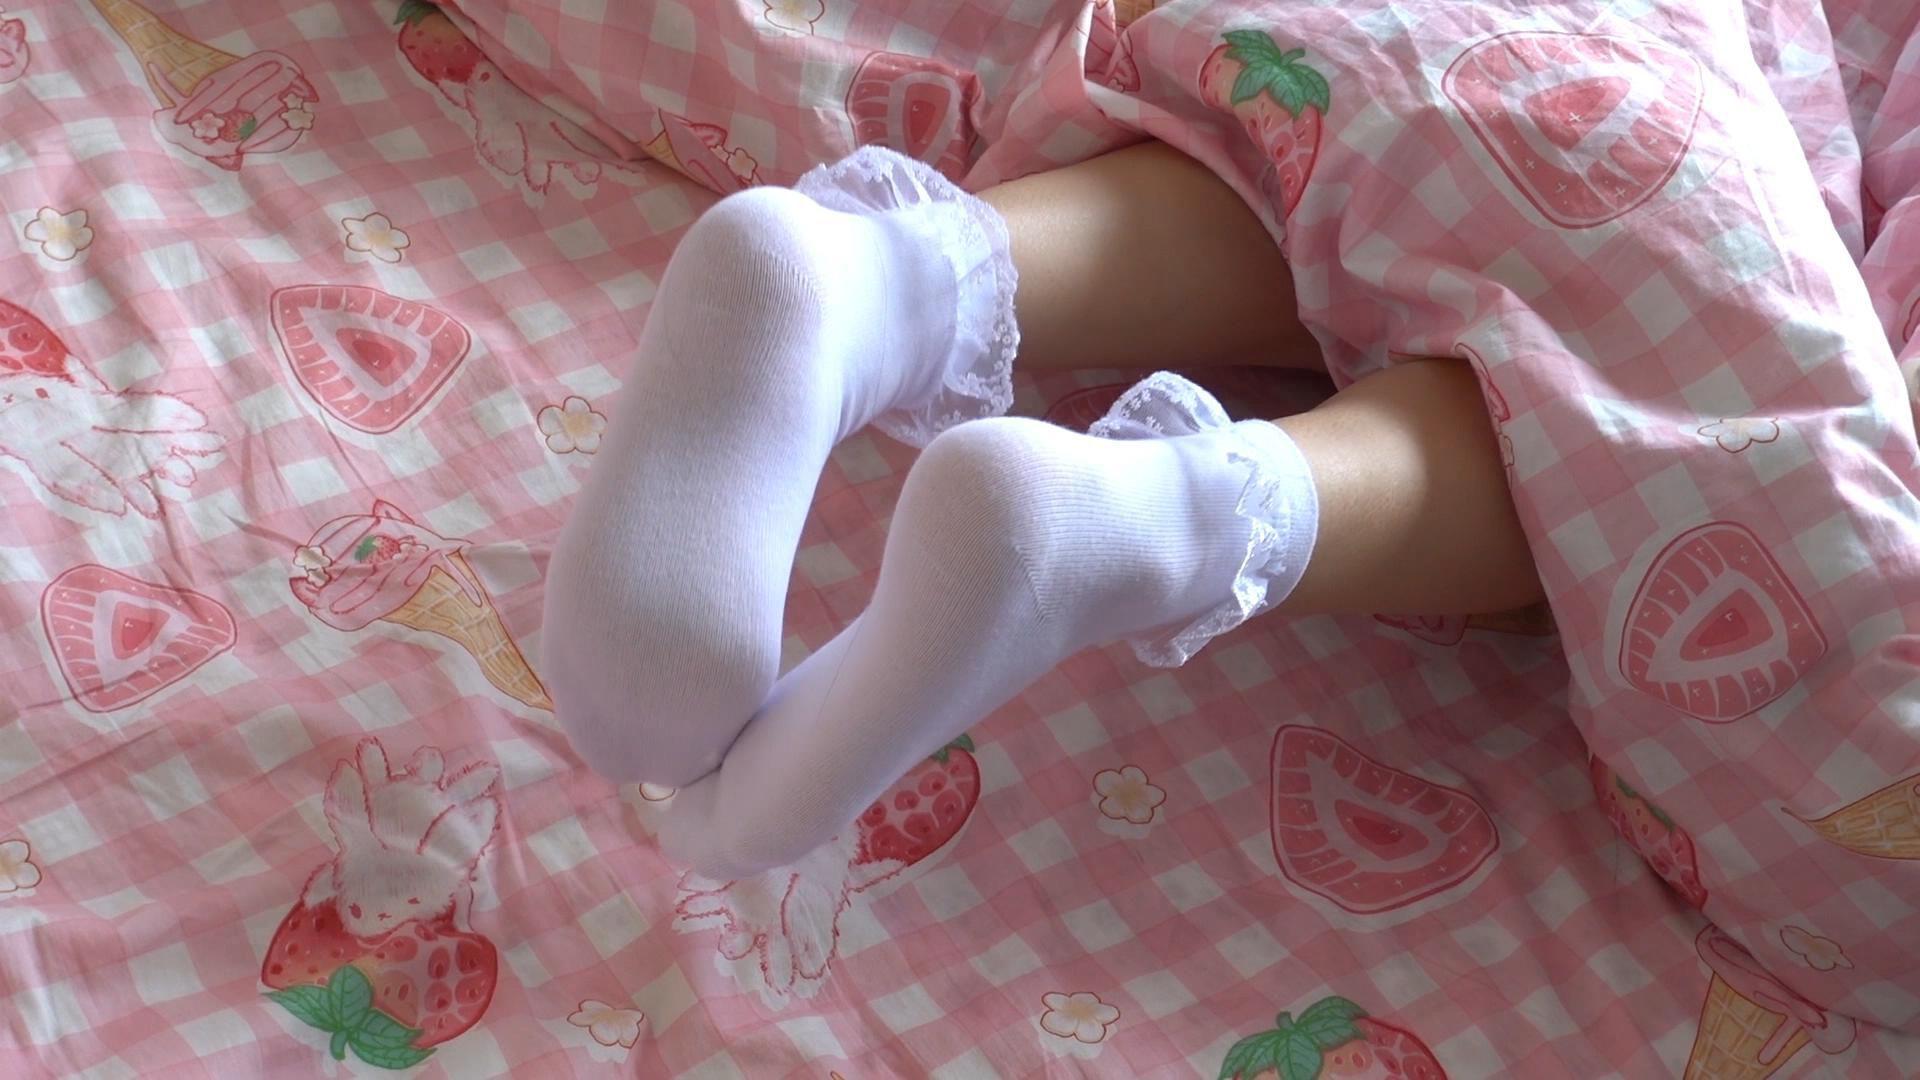 【森萝财团】 森萝财团写真 – JKFUN-037 白花边短袜TK [1V-701MB] JKFUN 第1张